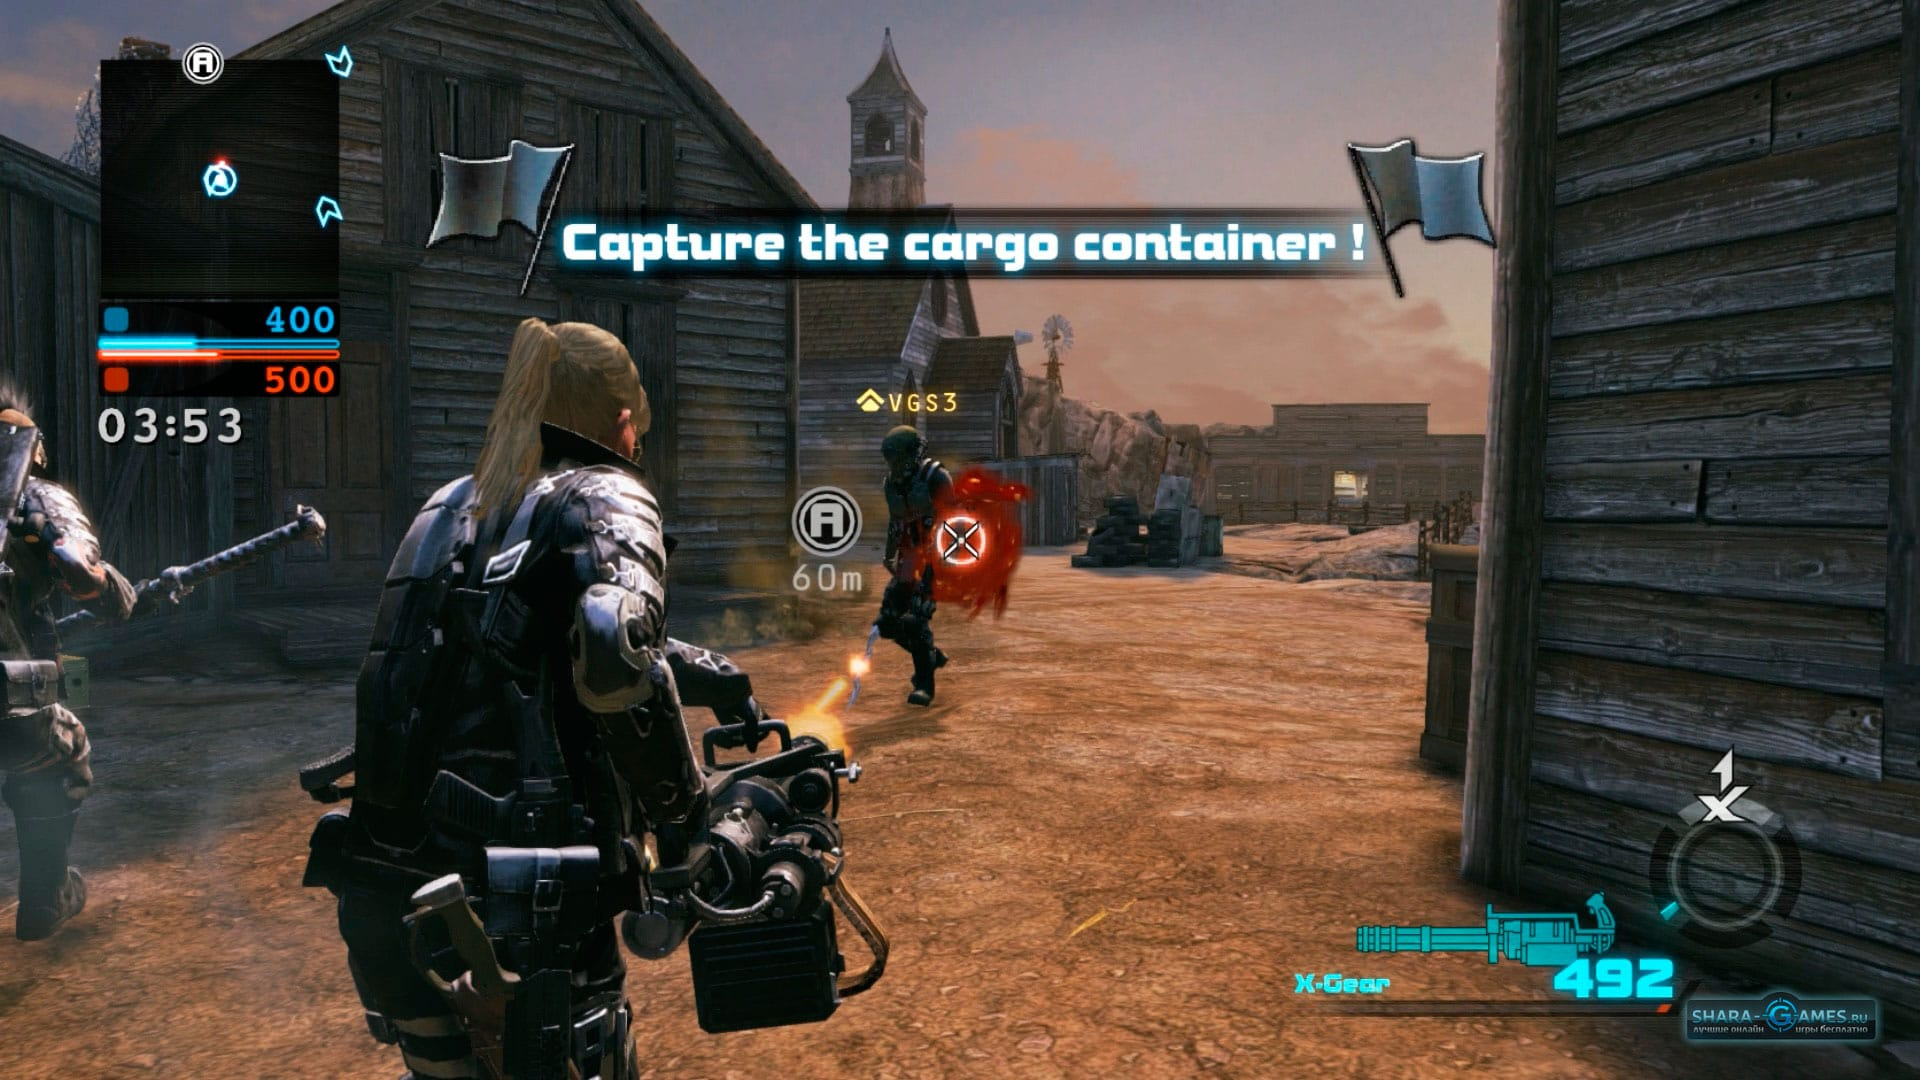 Оружие X - Gear